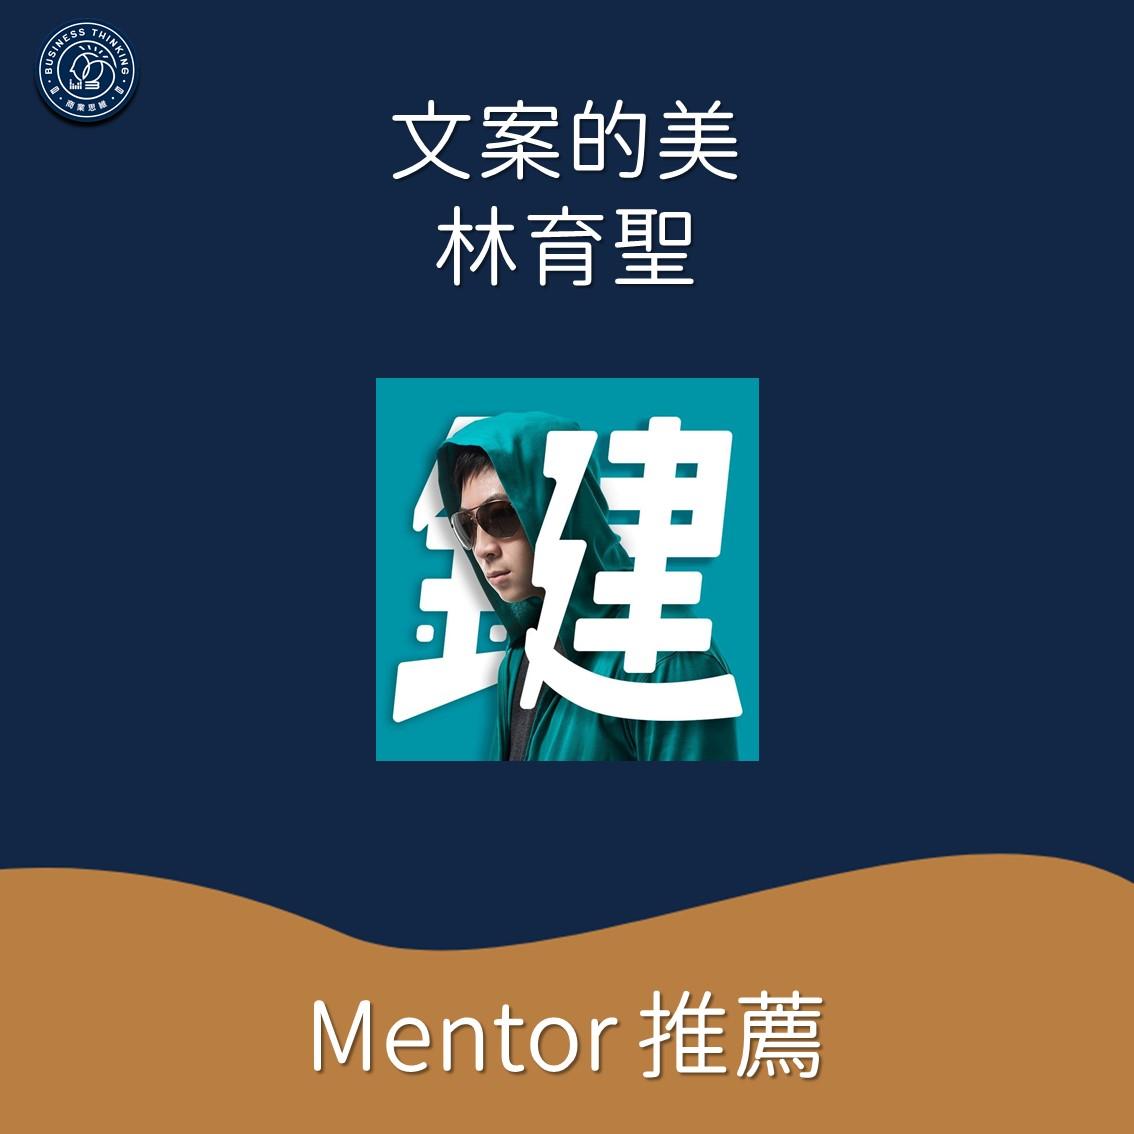 商業思維學院Mentor推薦-林育聖